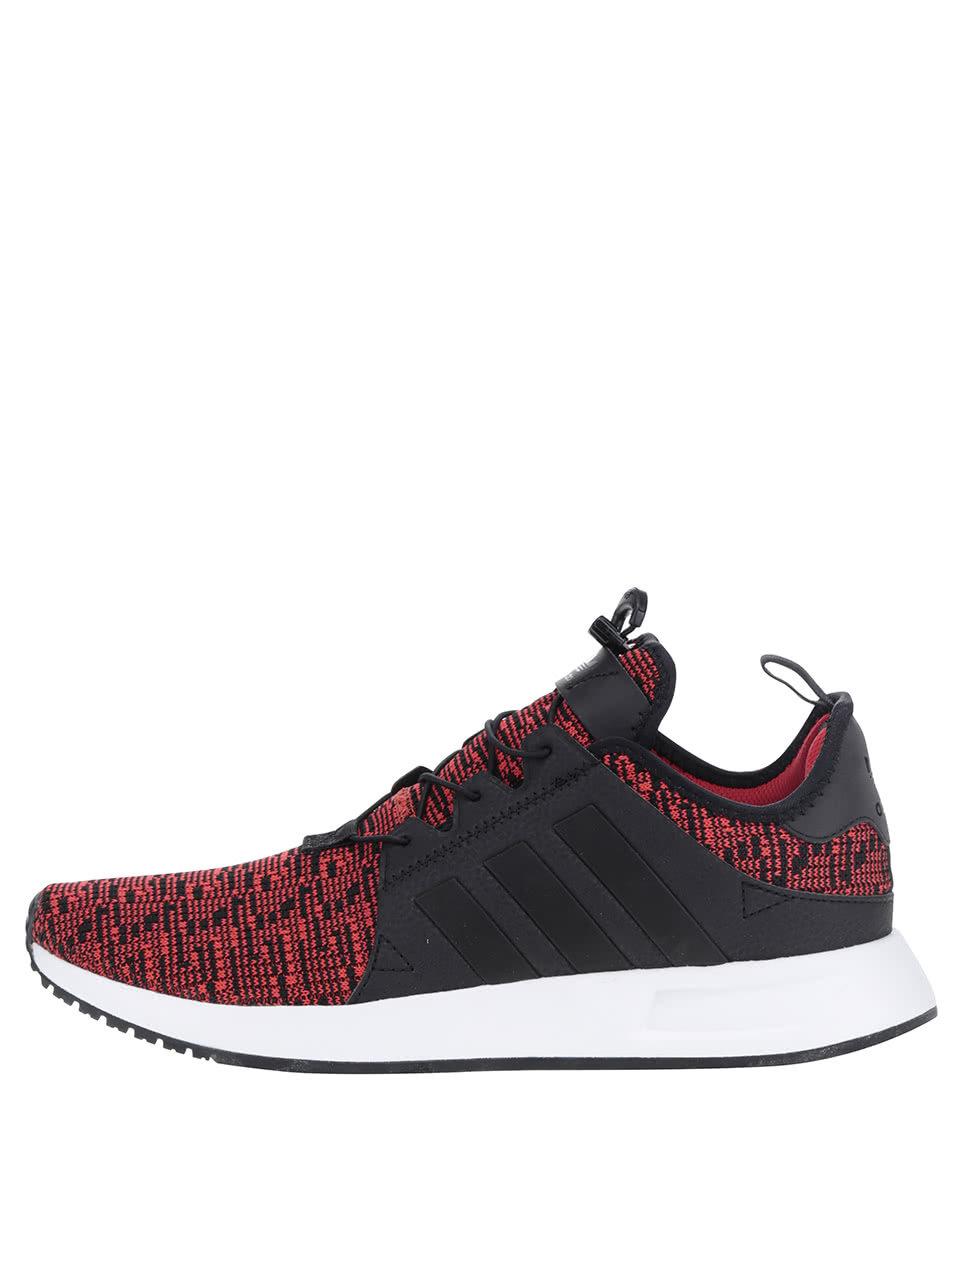 Čierno-červené melírované pánske tenisky adidas Originals X  PLR ... d0350e2953